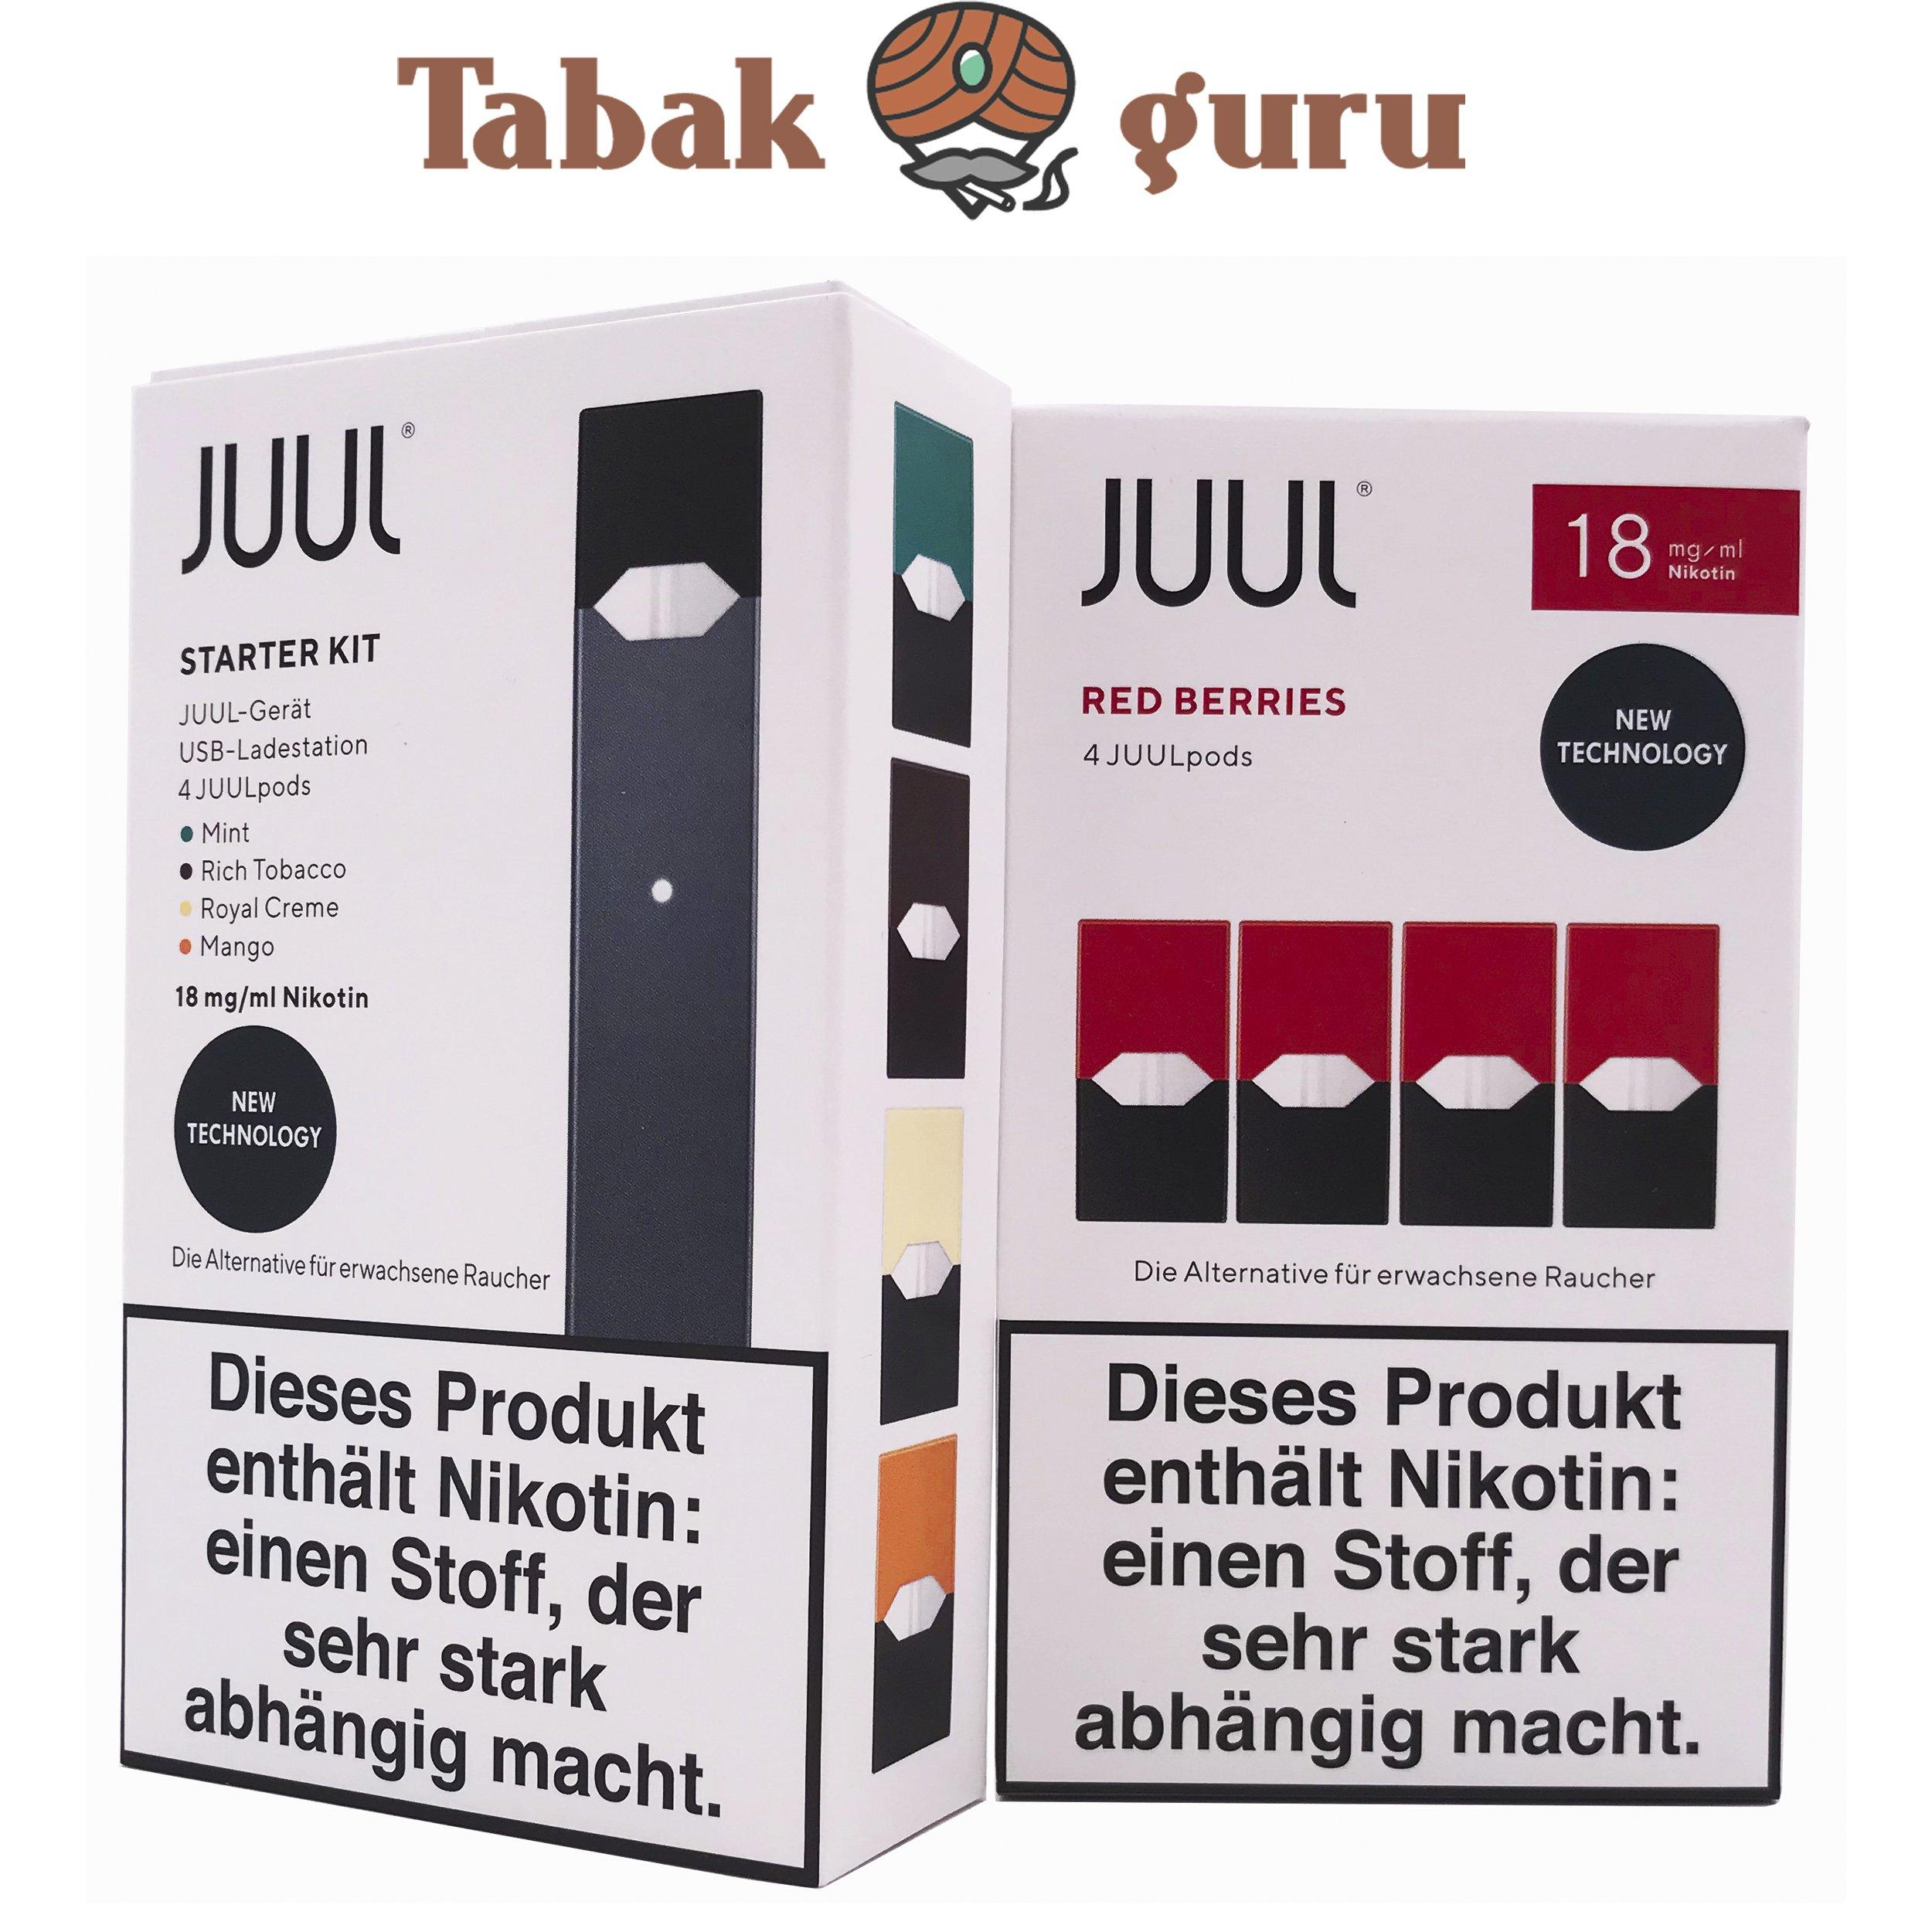 JUUL Starter-Kit mit 4 JUULpods Inkl. 4 JUULpods Red Berries 18mg